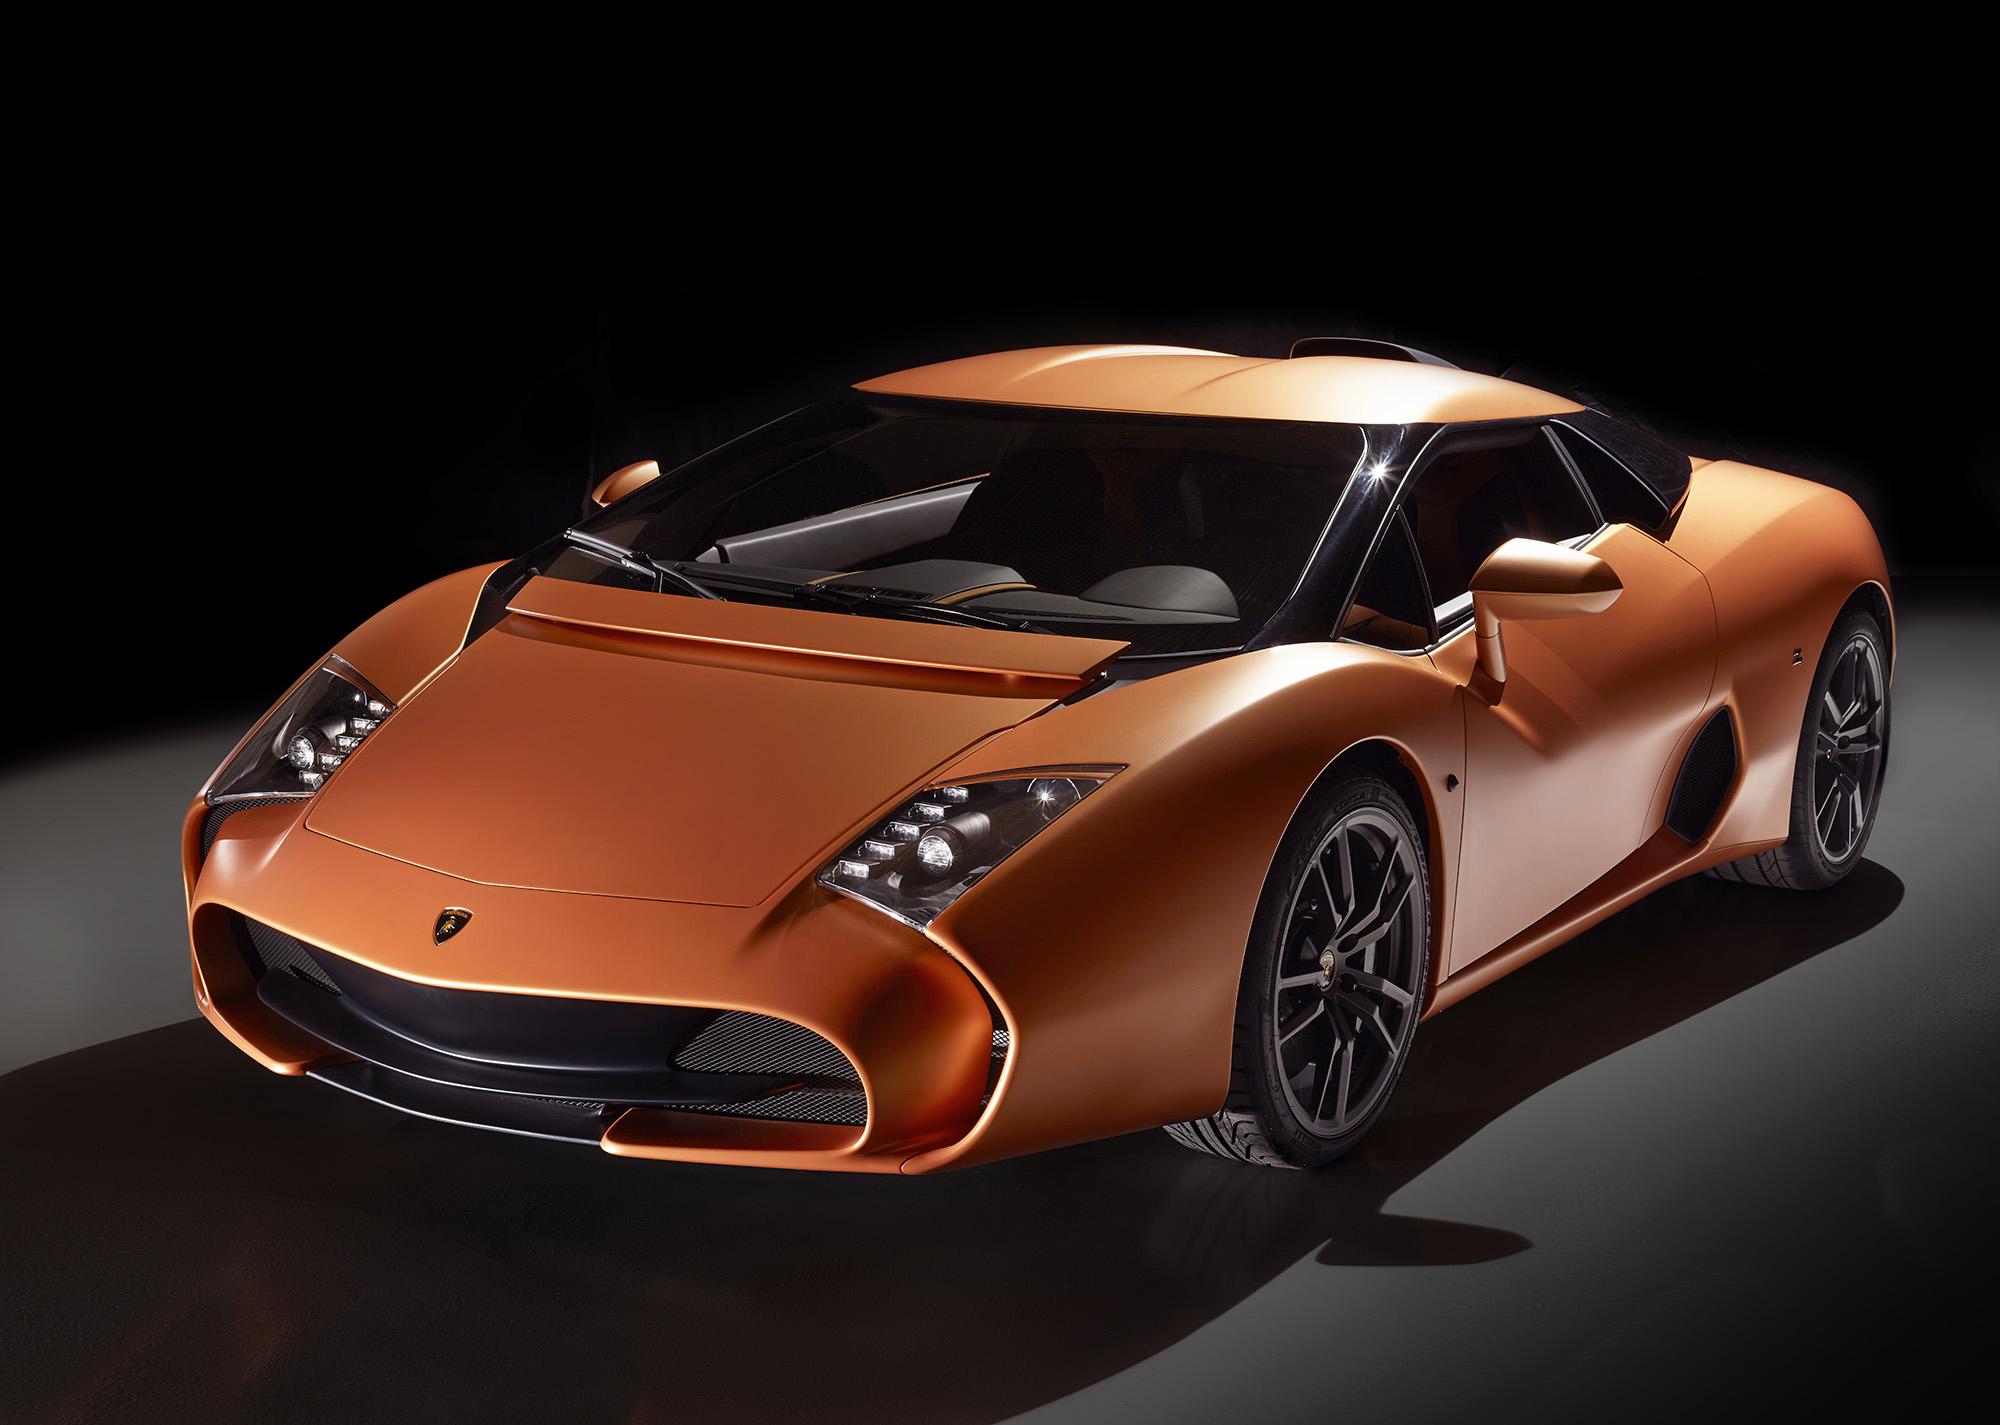 Lamborghini 5-95 Zagato back